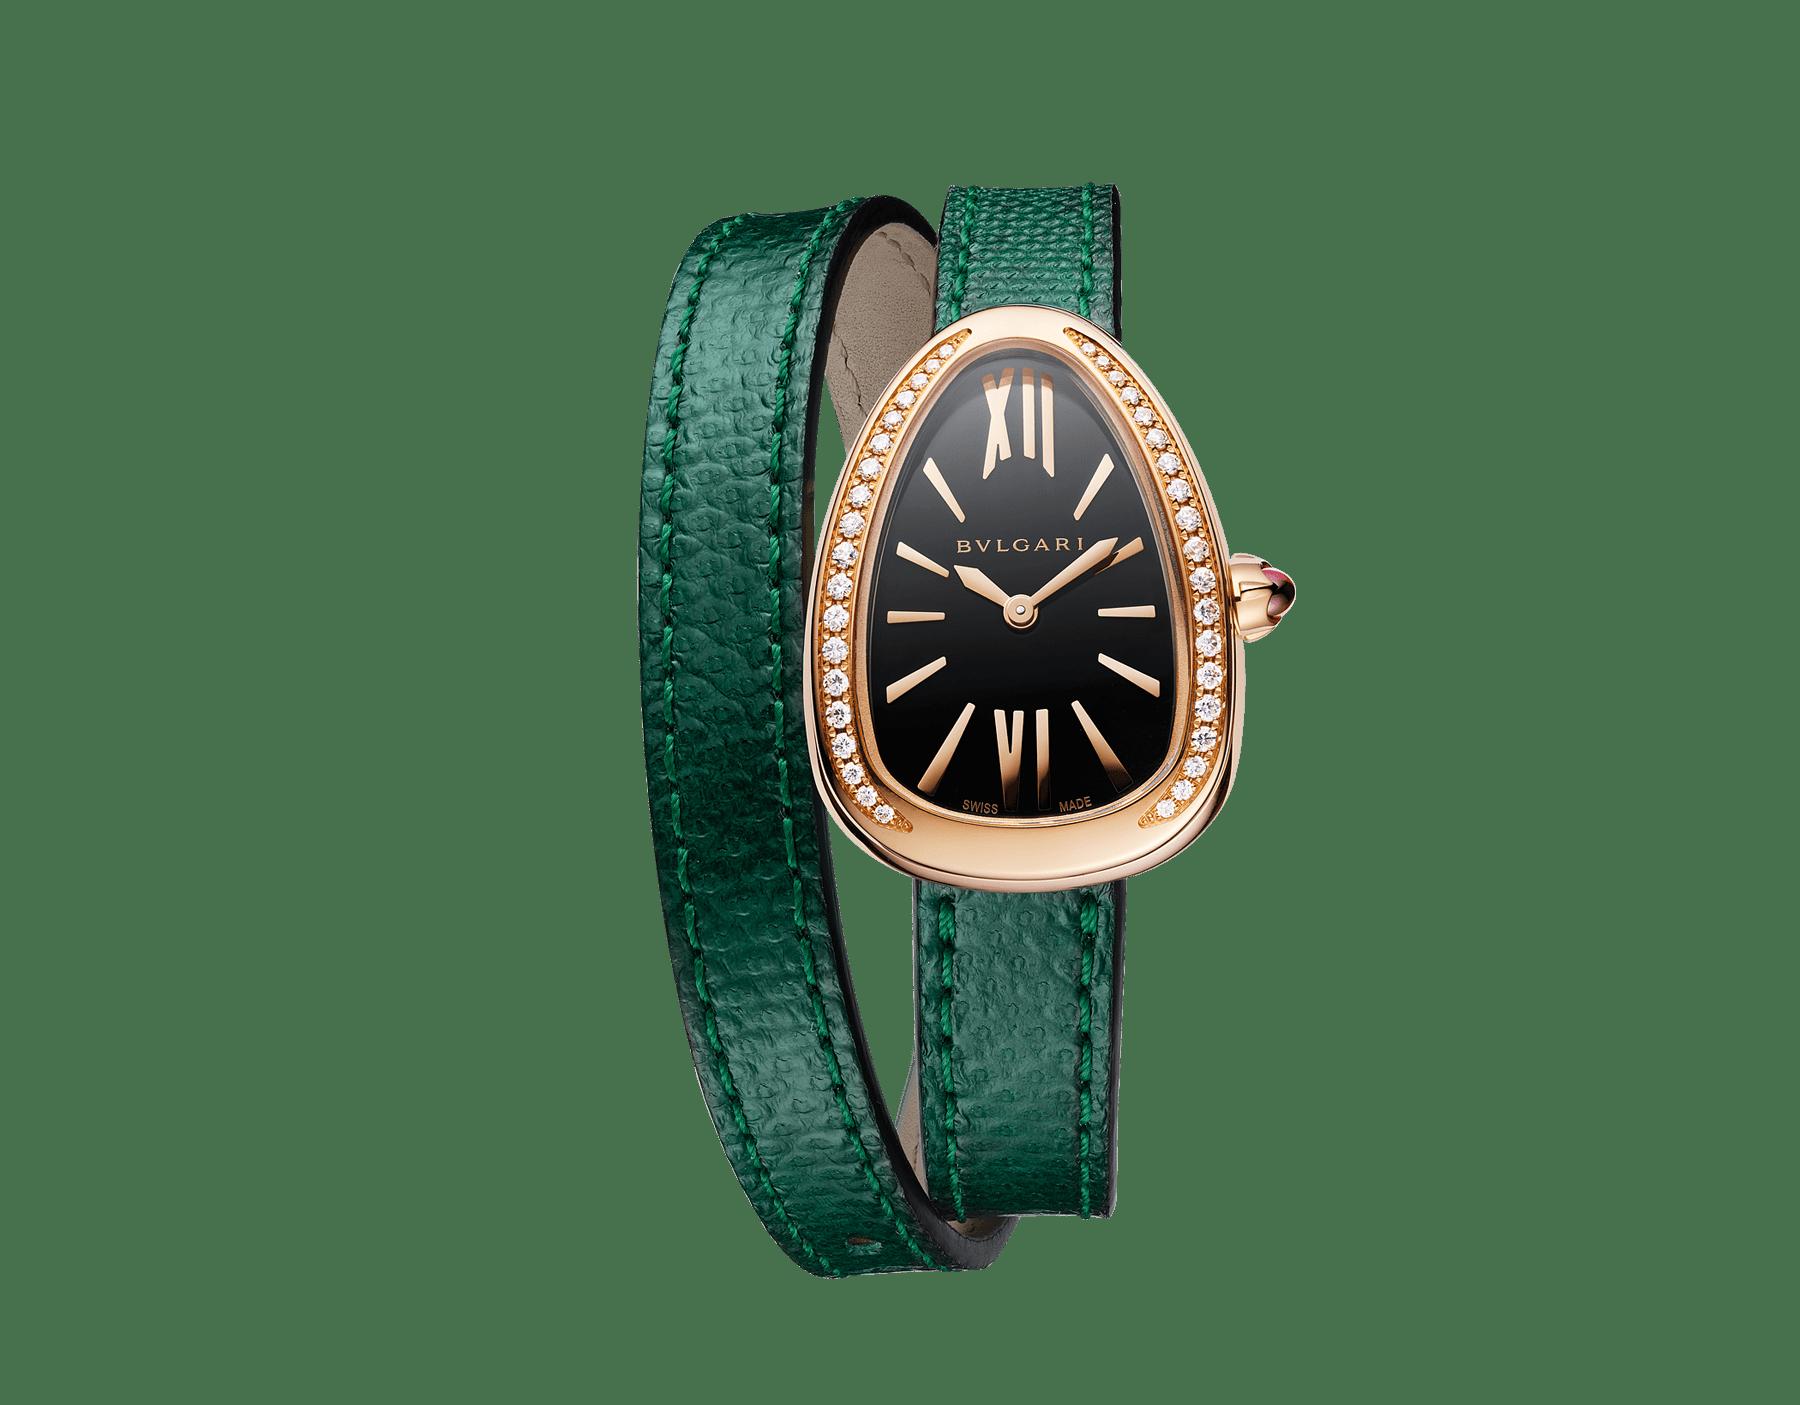 Relógio Serpenti com caixa em ouro rosa 18K cravejada com diamantes redondos lapidação brilhante, mostrador preto laqueado e pulseira de duas voltas intercambiável em couro karung verde 102918 image 1